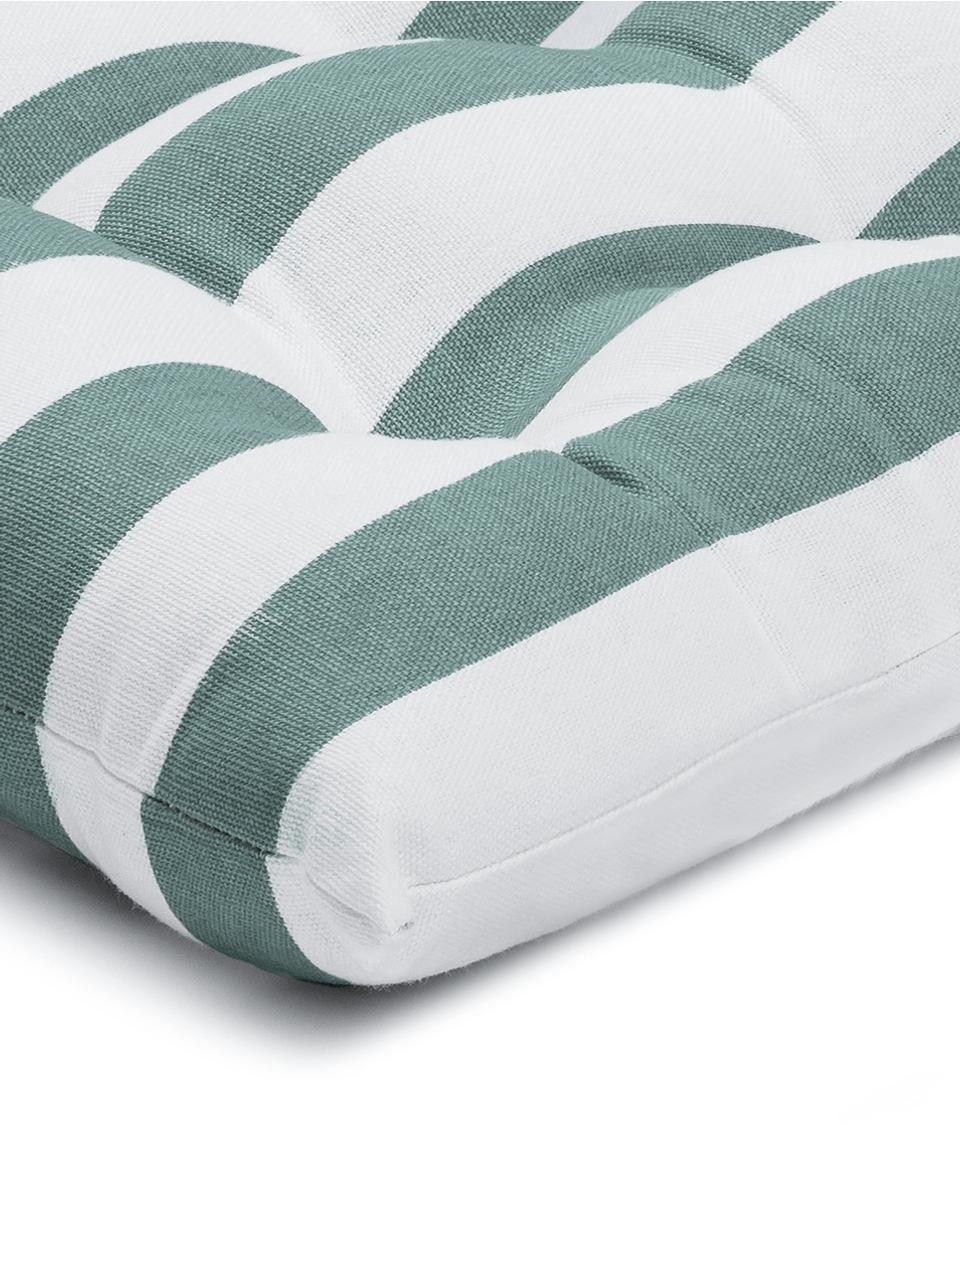 Gestreiftes Sitzkissen Timon in Salbeigrün/Weiß, Bezug: 100% Baumwolle, Grün, 40 x 40 cm